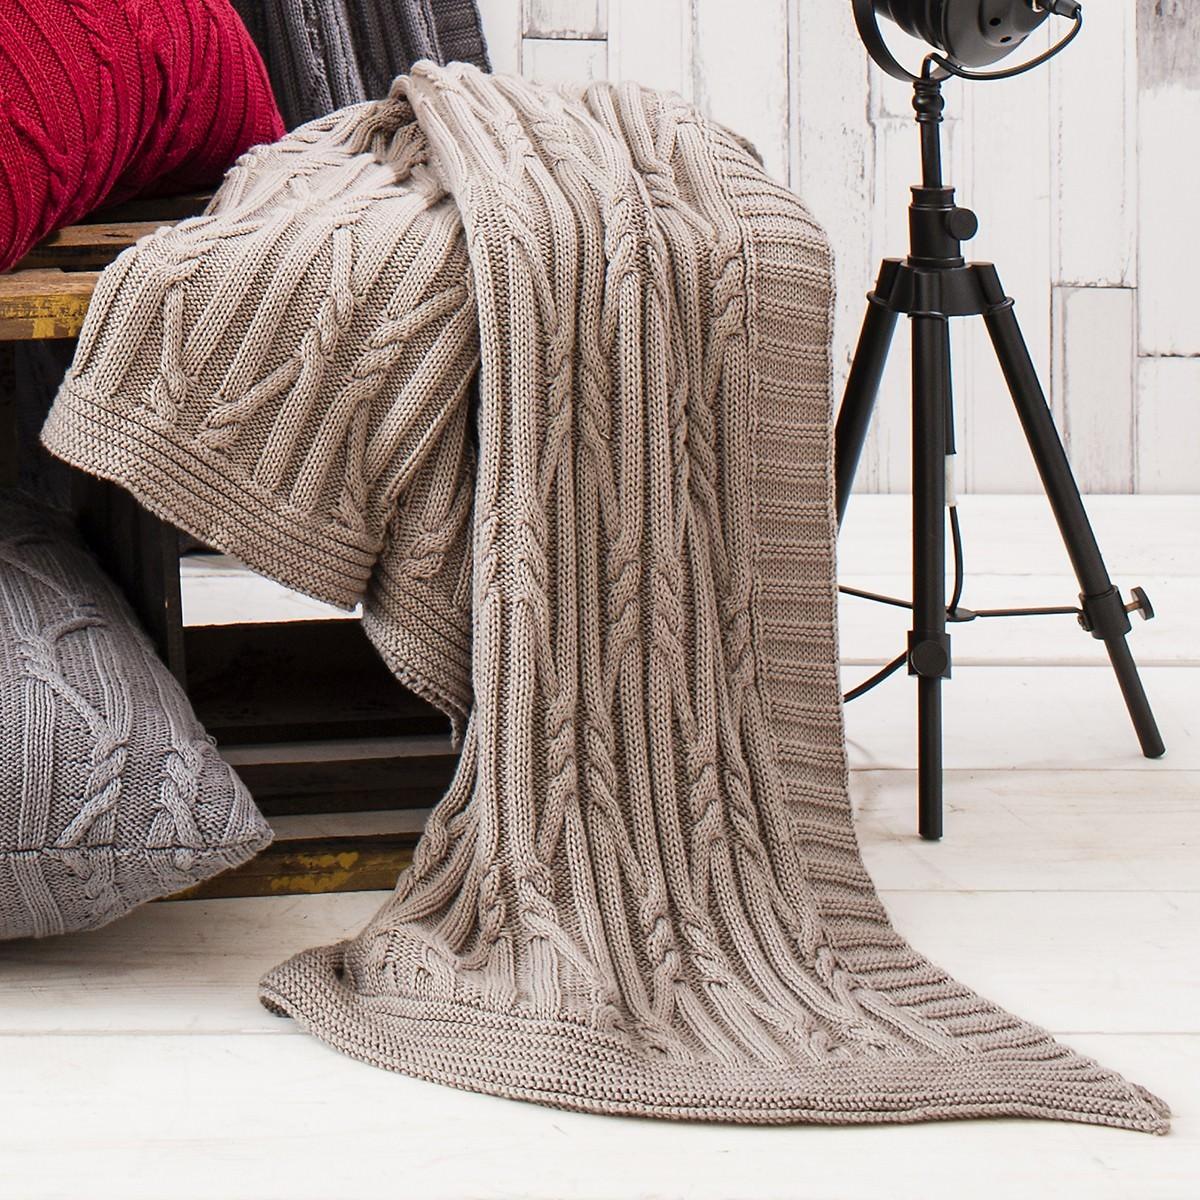 Ashton Knitted Cotton Throw, Taupe